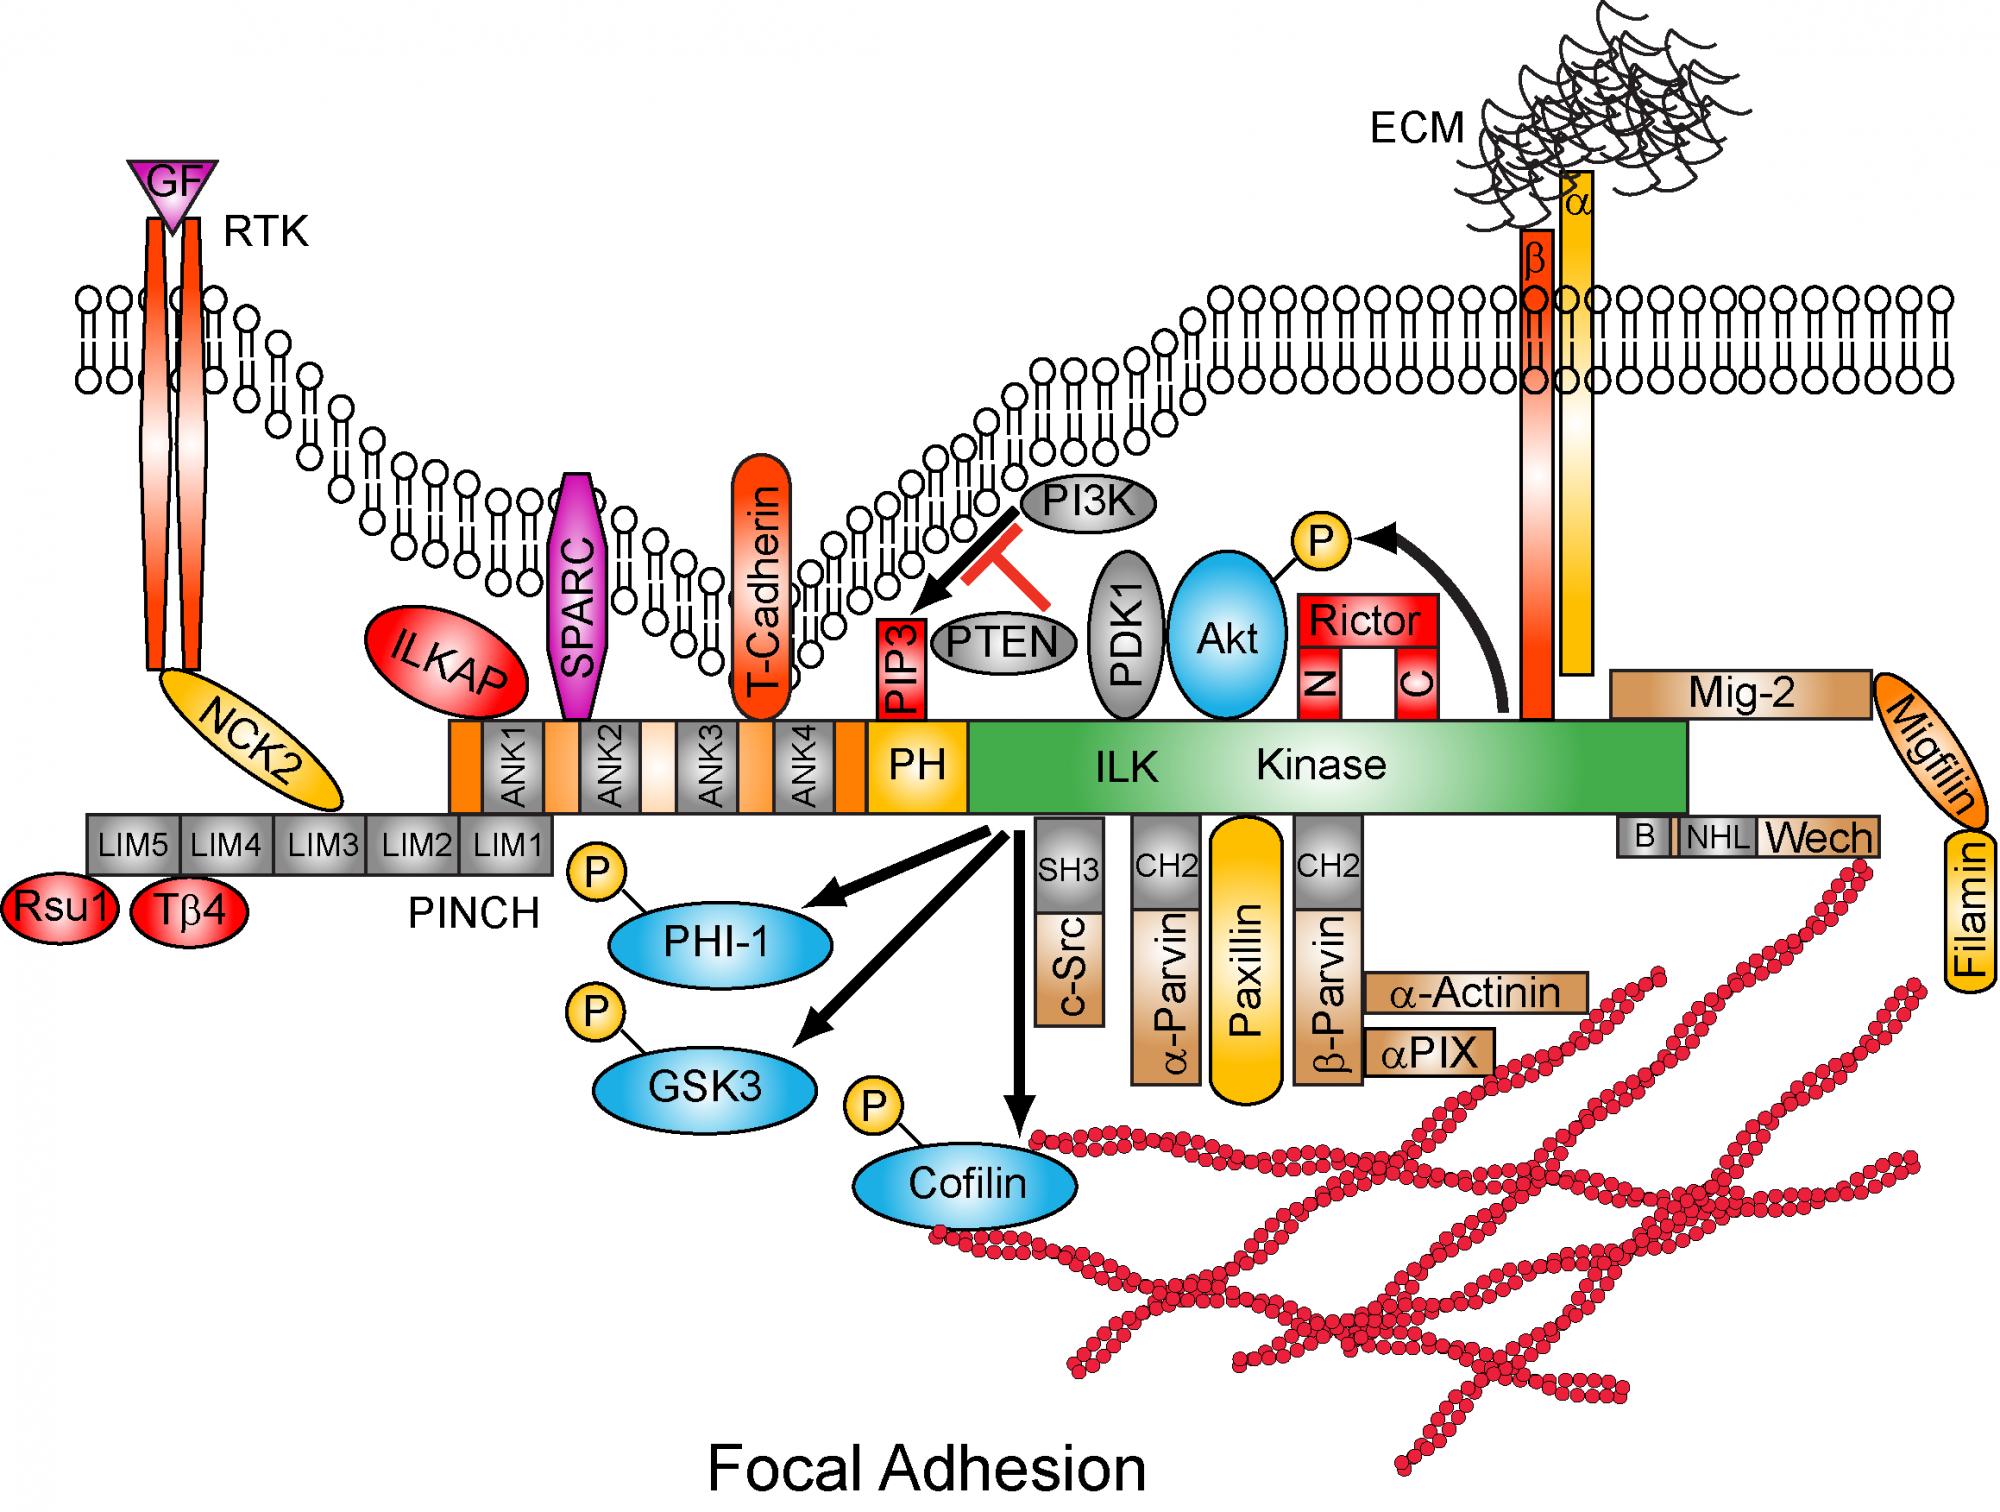 Focal Adhesion